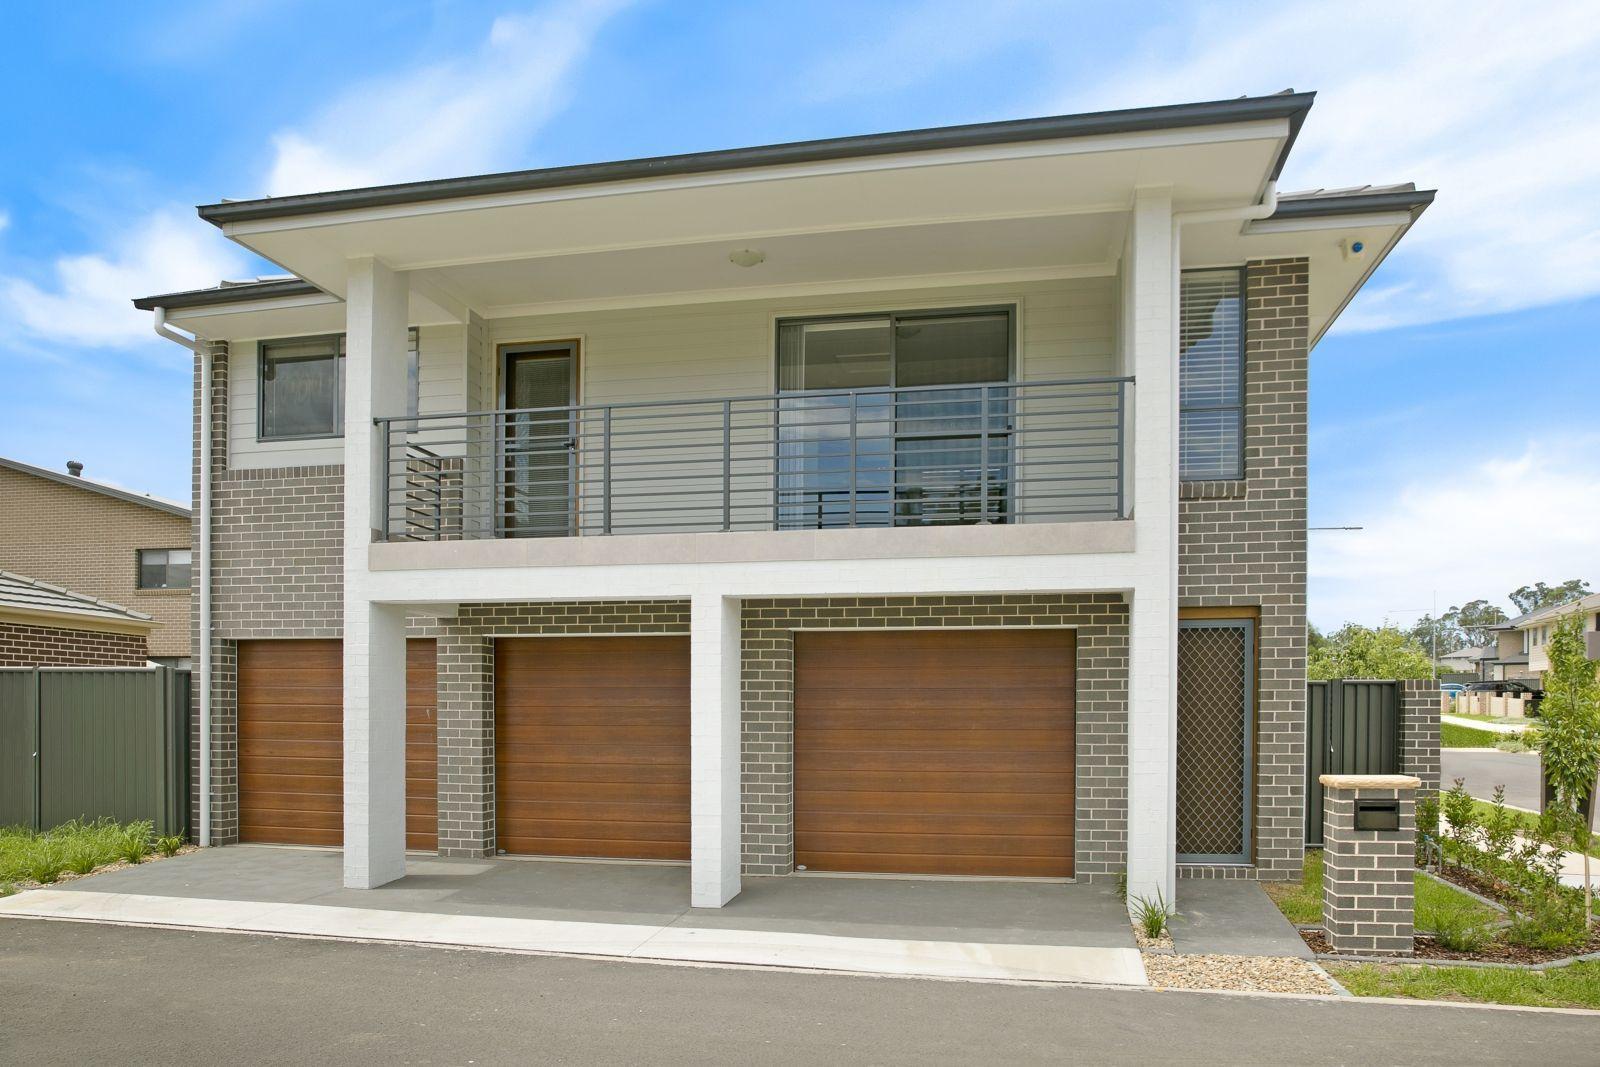 15 Blackthorn Lane, Denham Court NSW 2565, Image 0